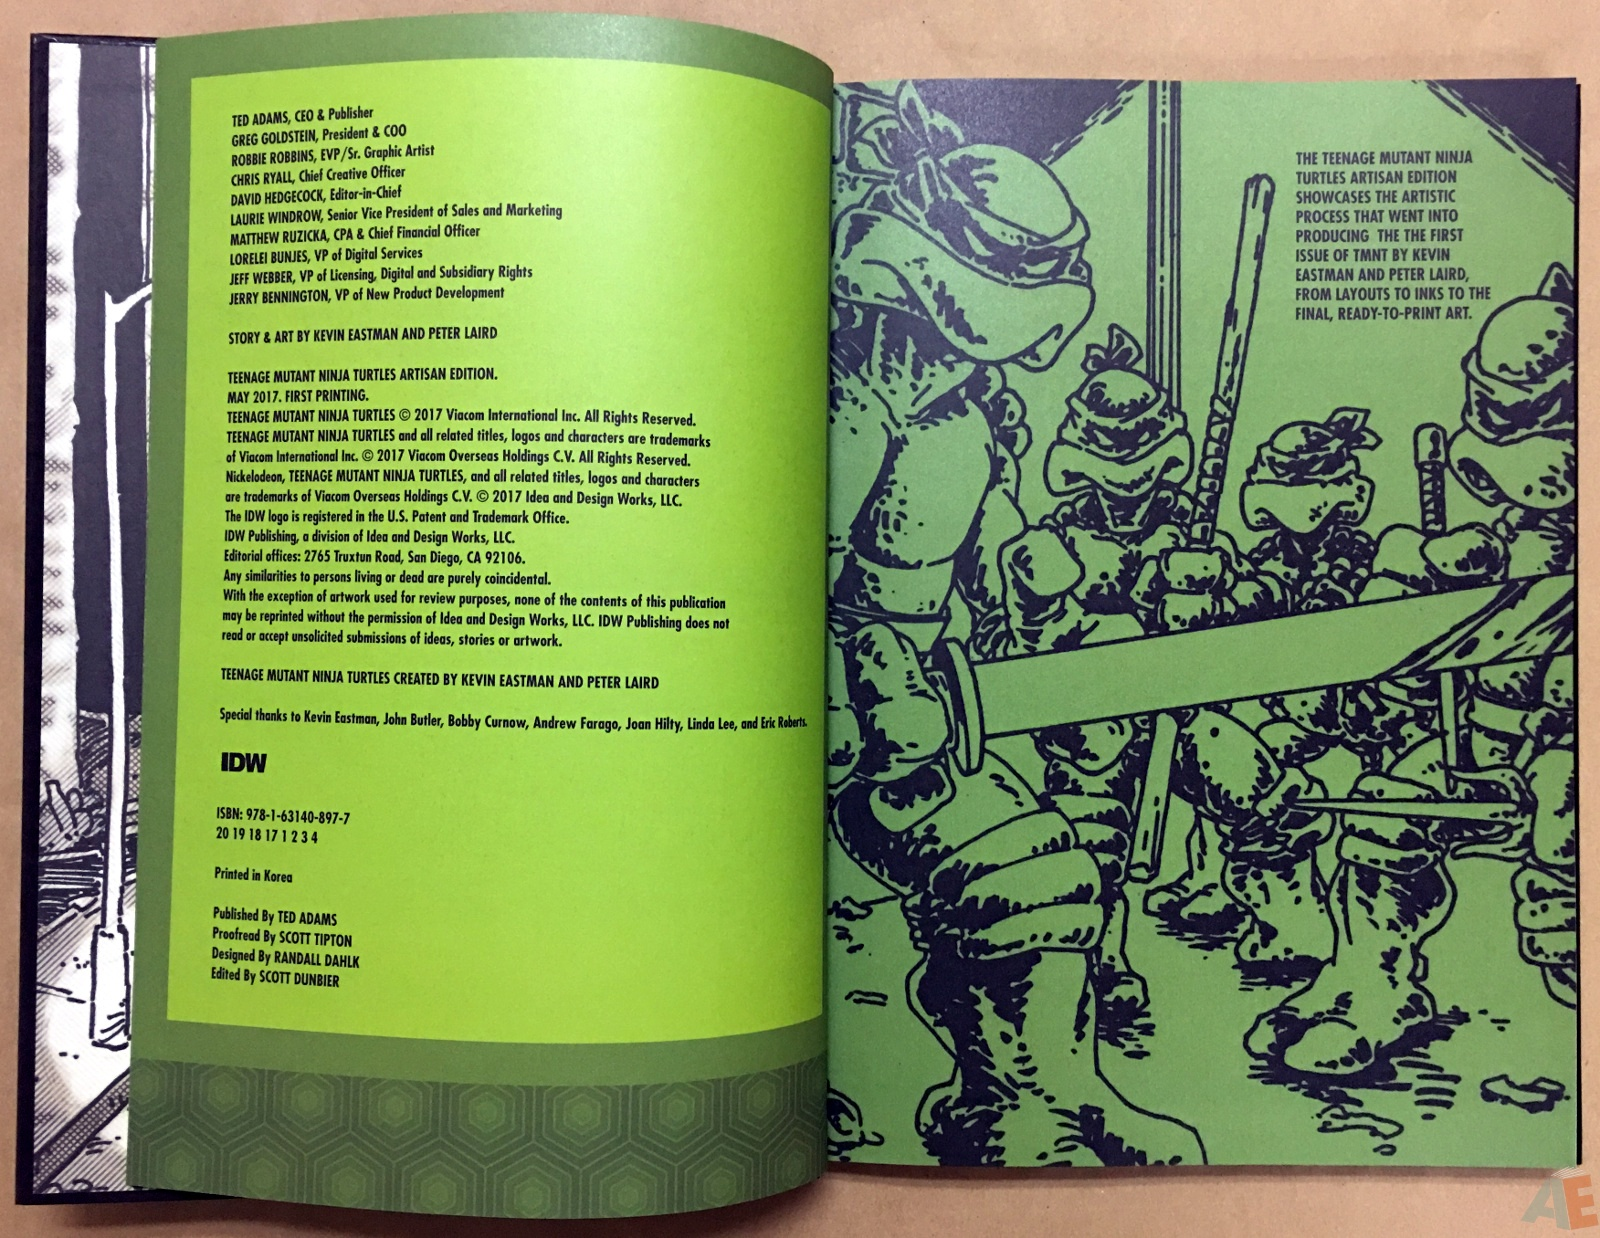 Teenage Mutant Ninja Turtles Artisan Edition 4